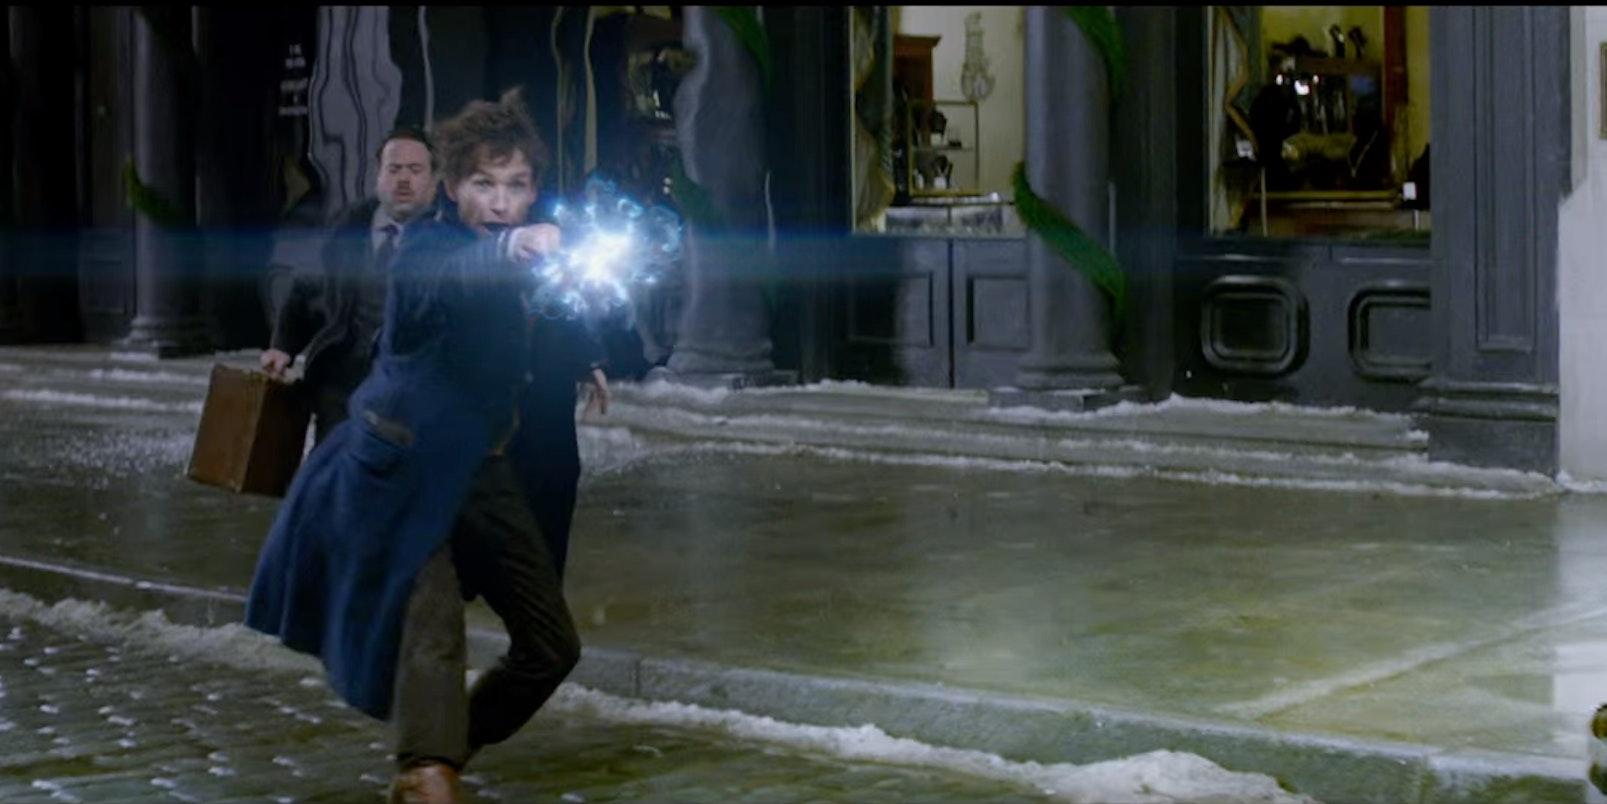 Eddie Redmayne as Newt Scamander in 'Fantastic Beasts'